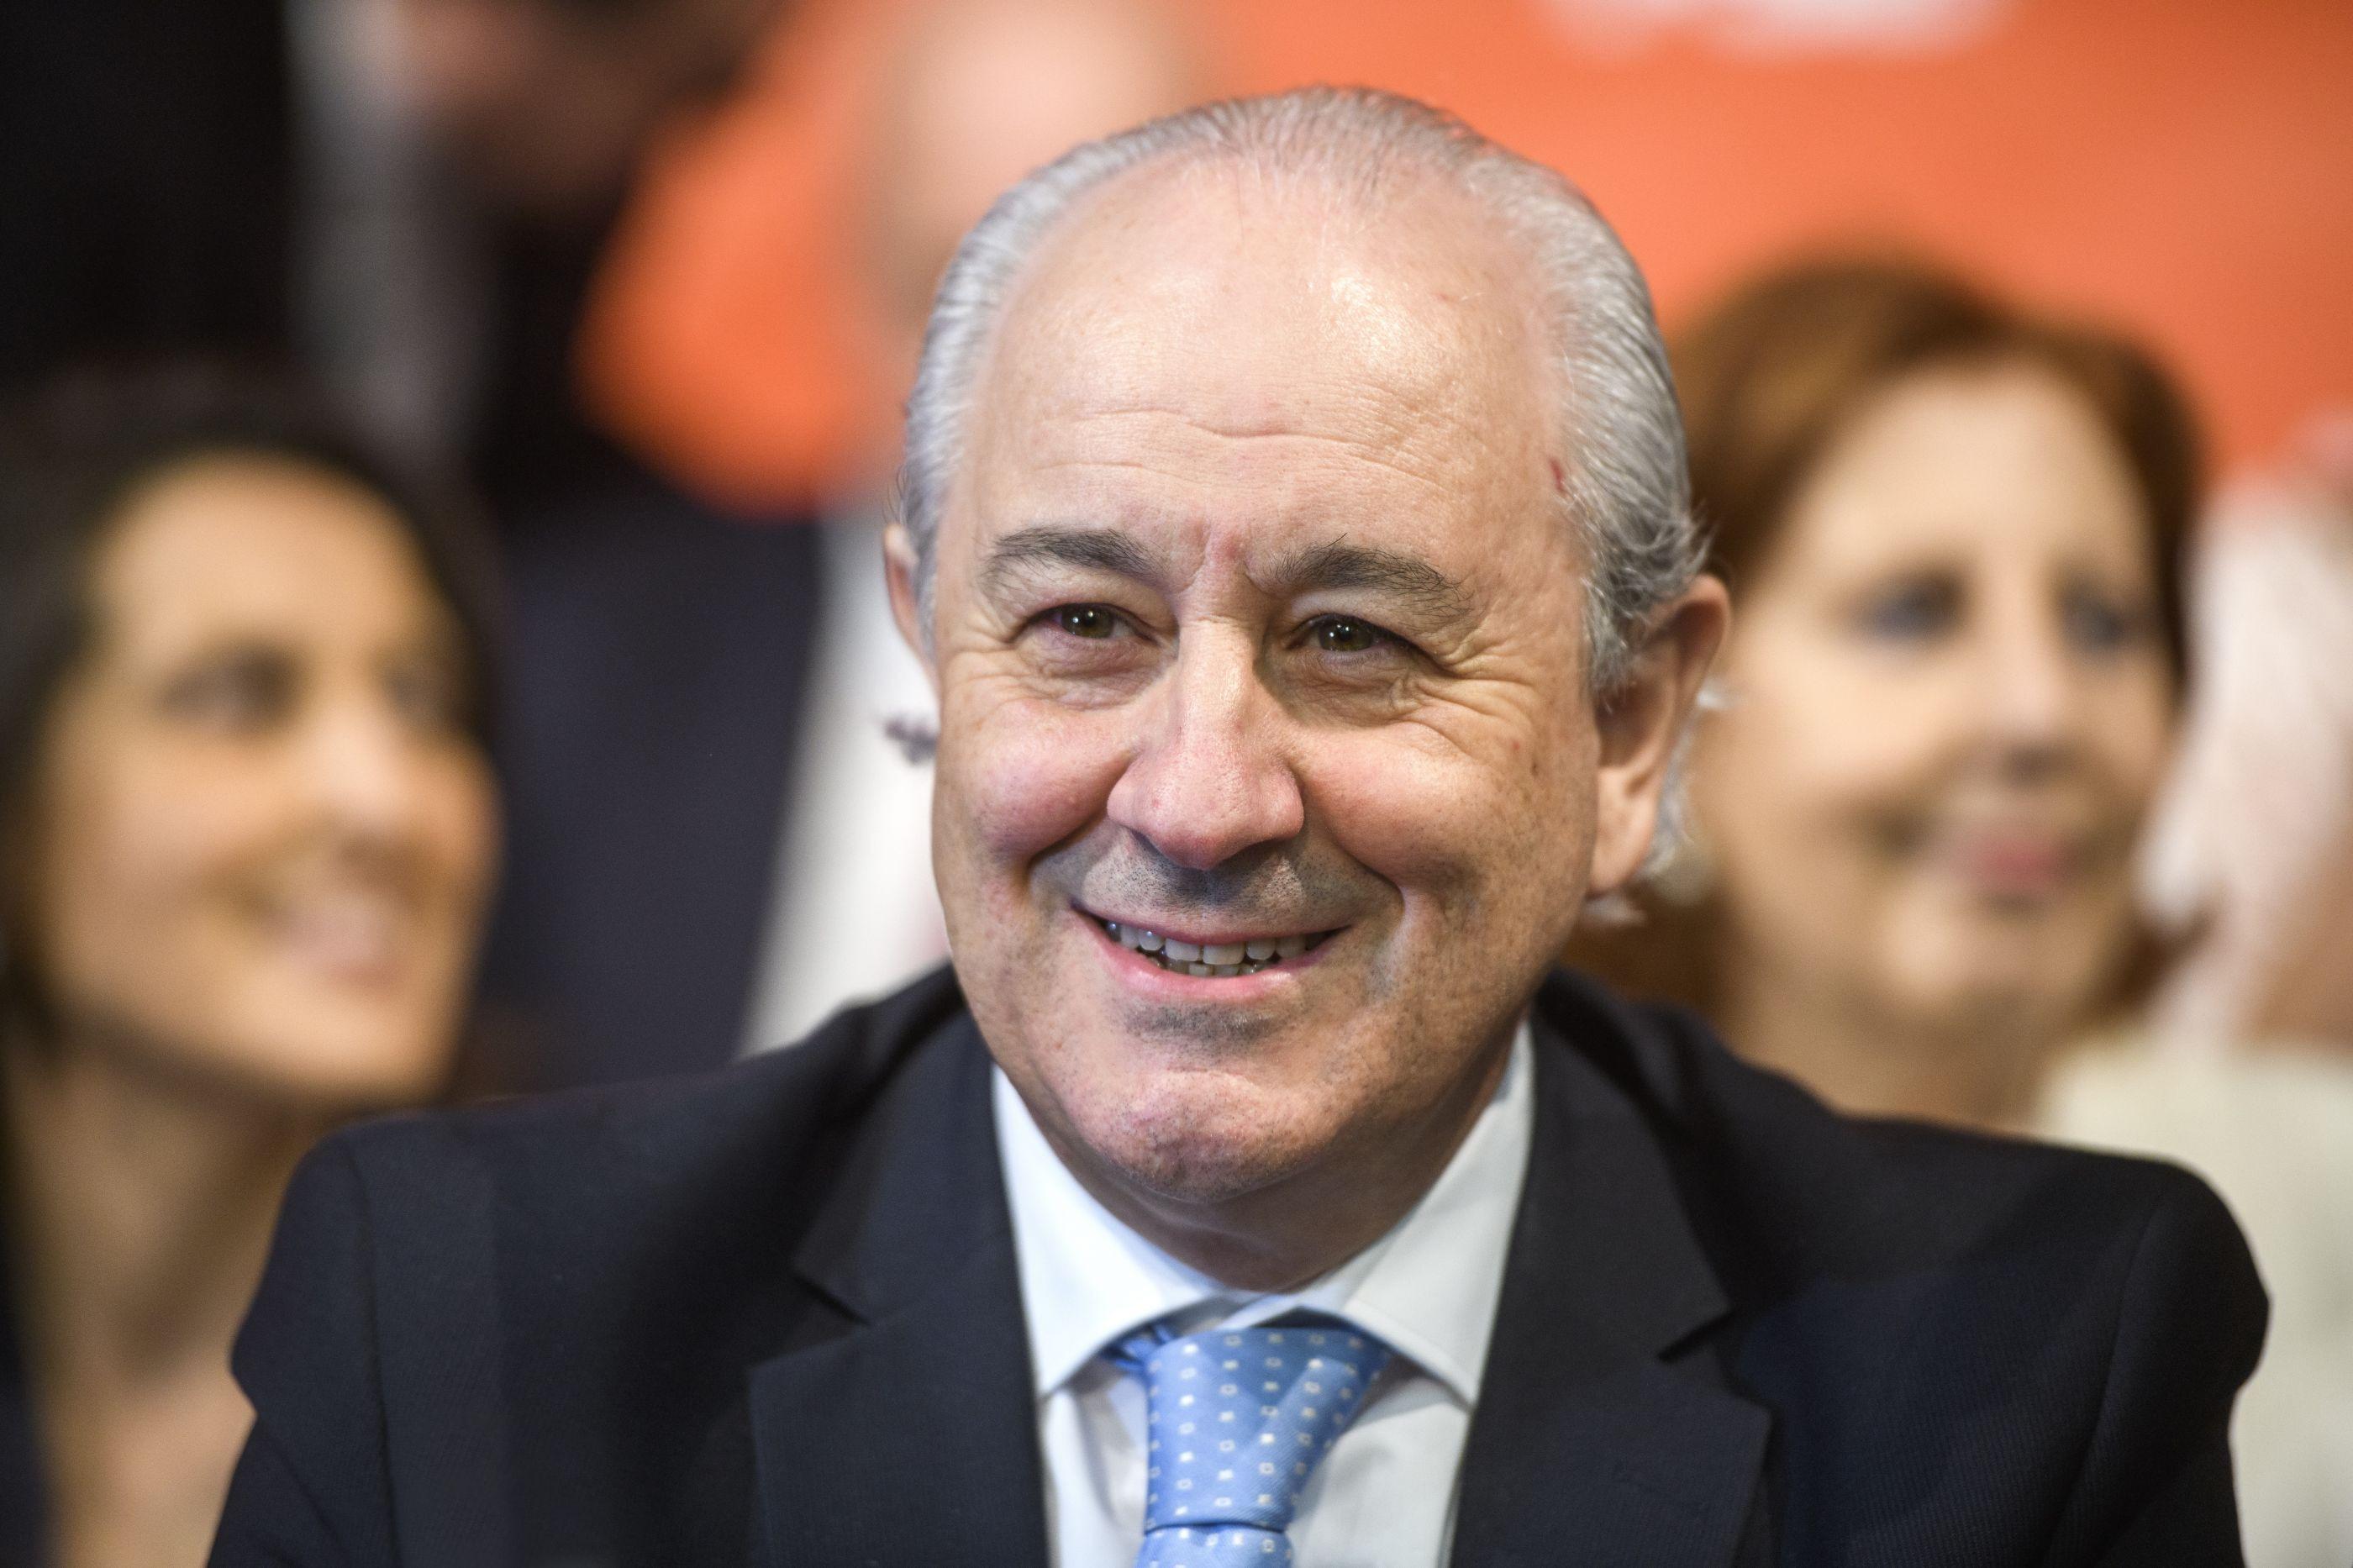 Rio convidou, Rangel aceitou. PSD já tem cabeça de lista às Europeias